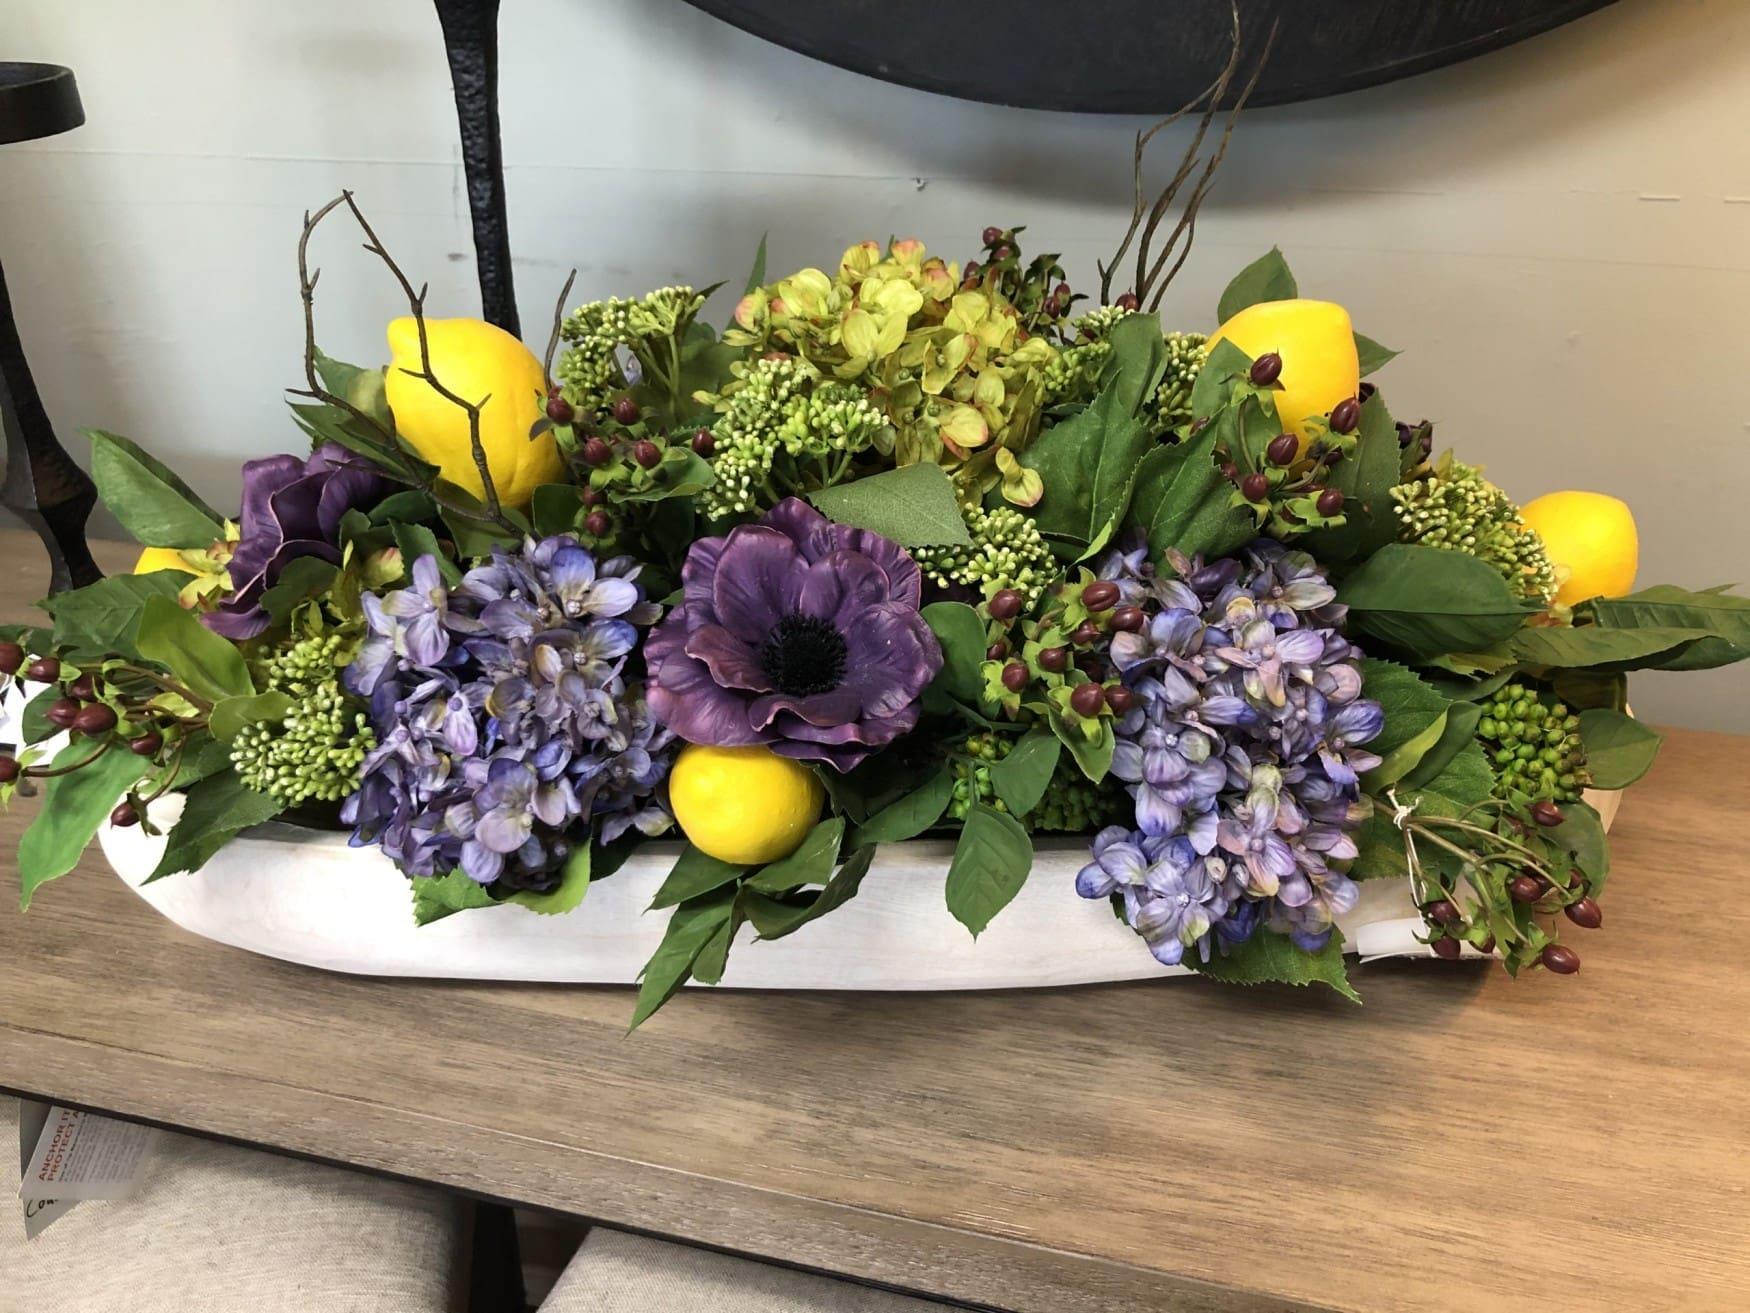 Lavender and lemon floral arrangement